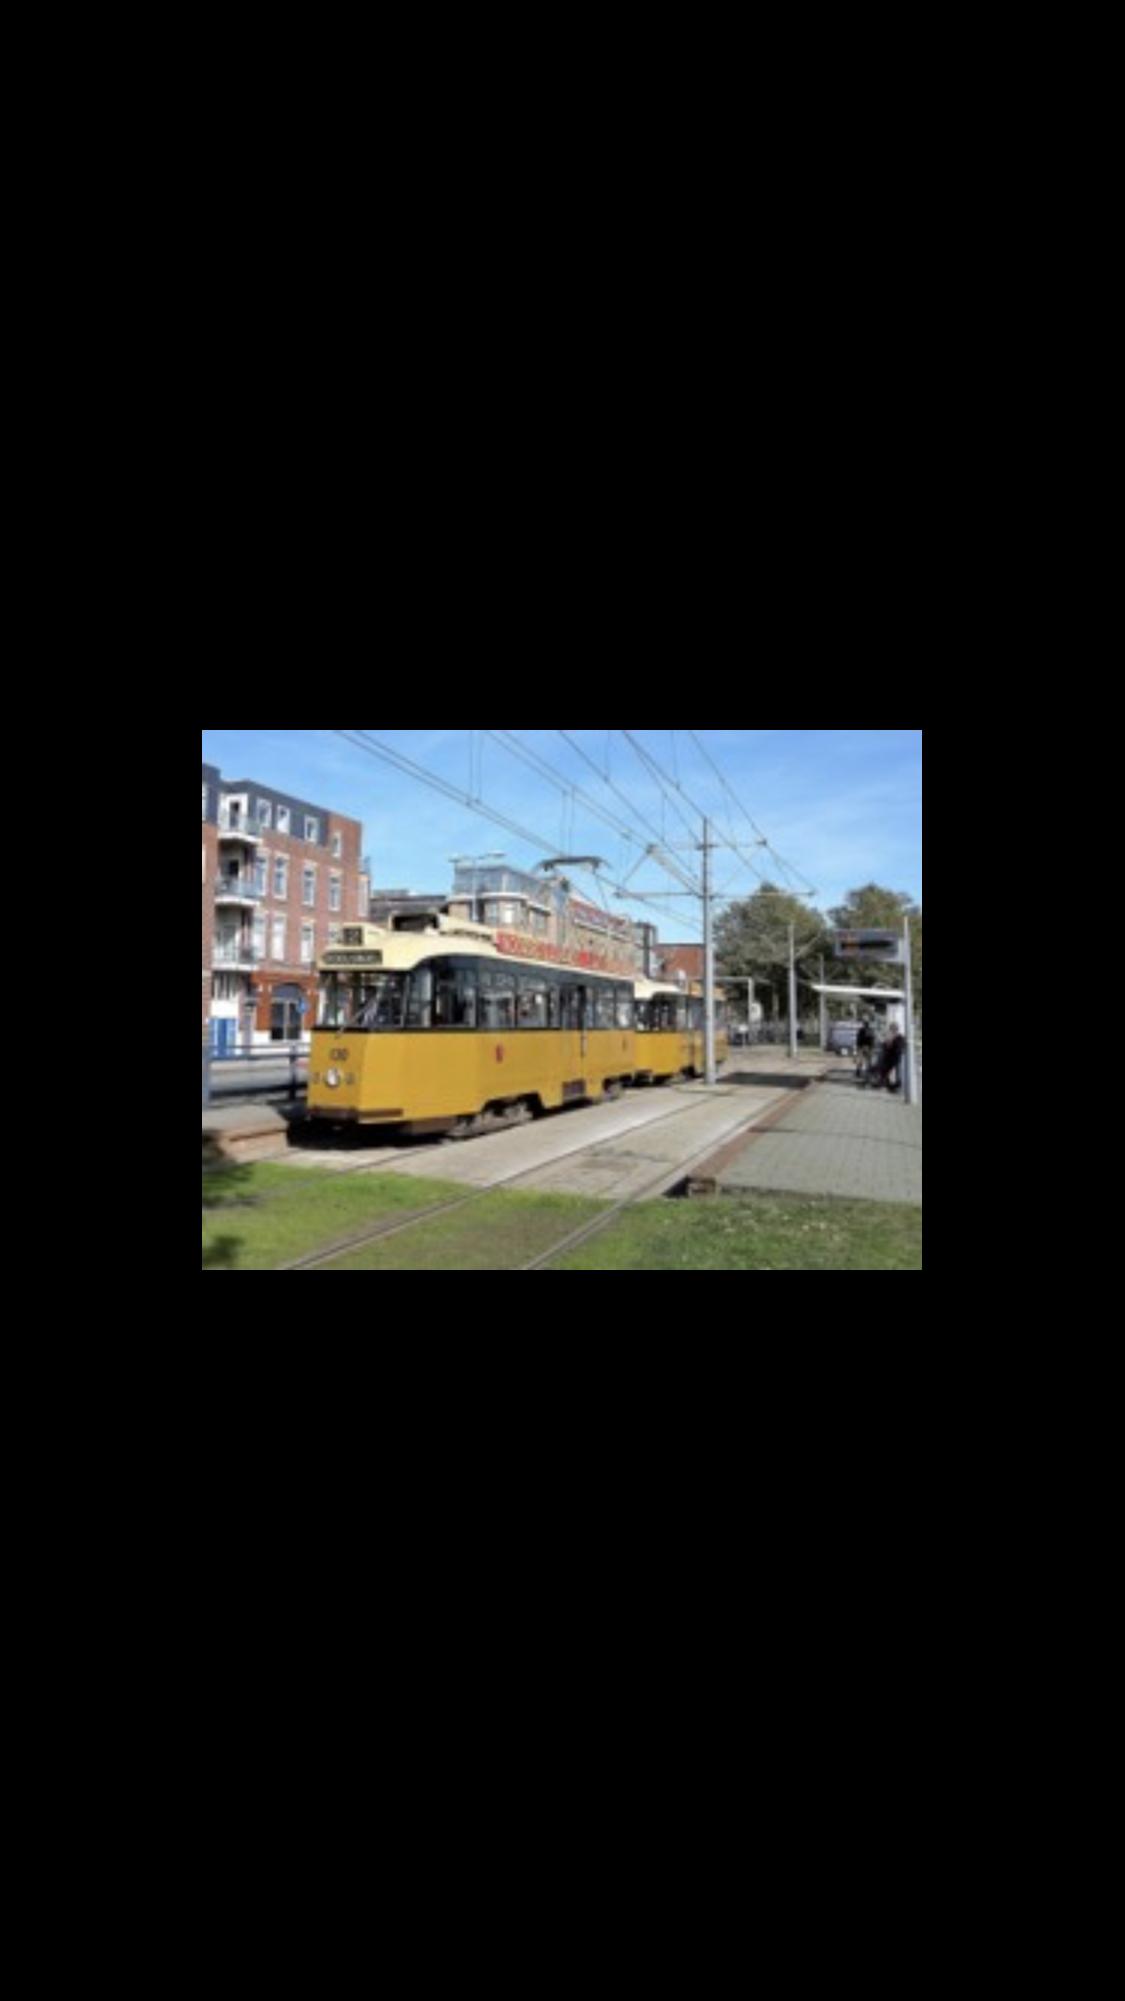 Reis in Rotterdams fabricaat naar het trammuseum